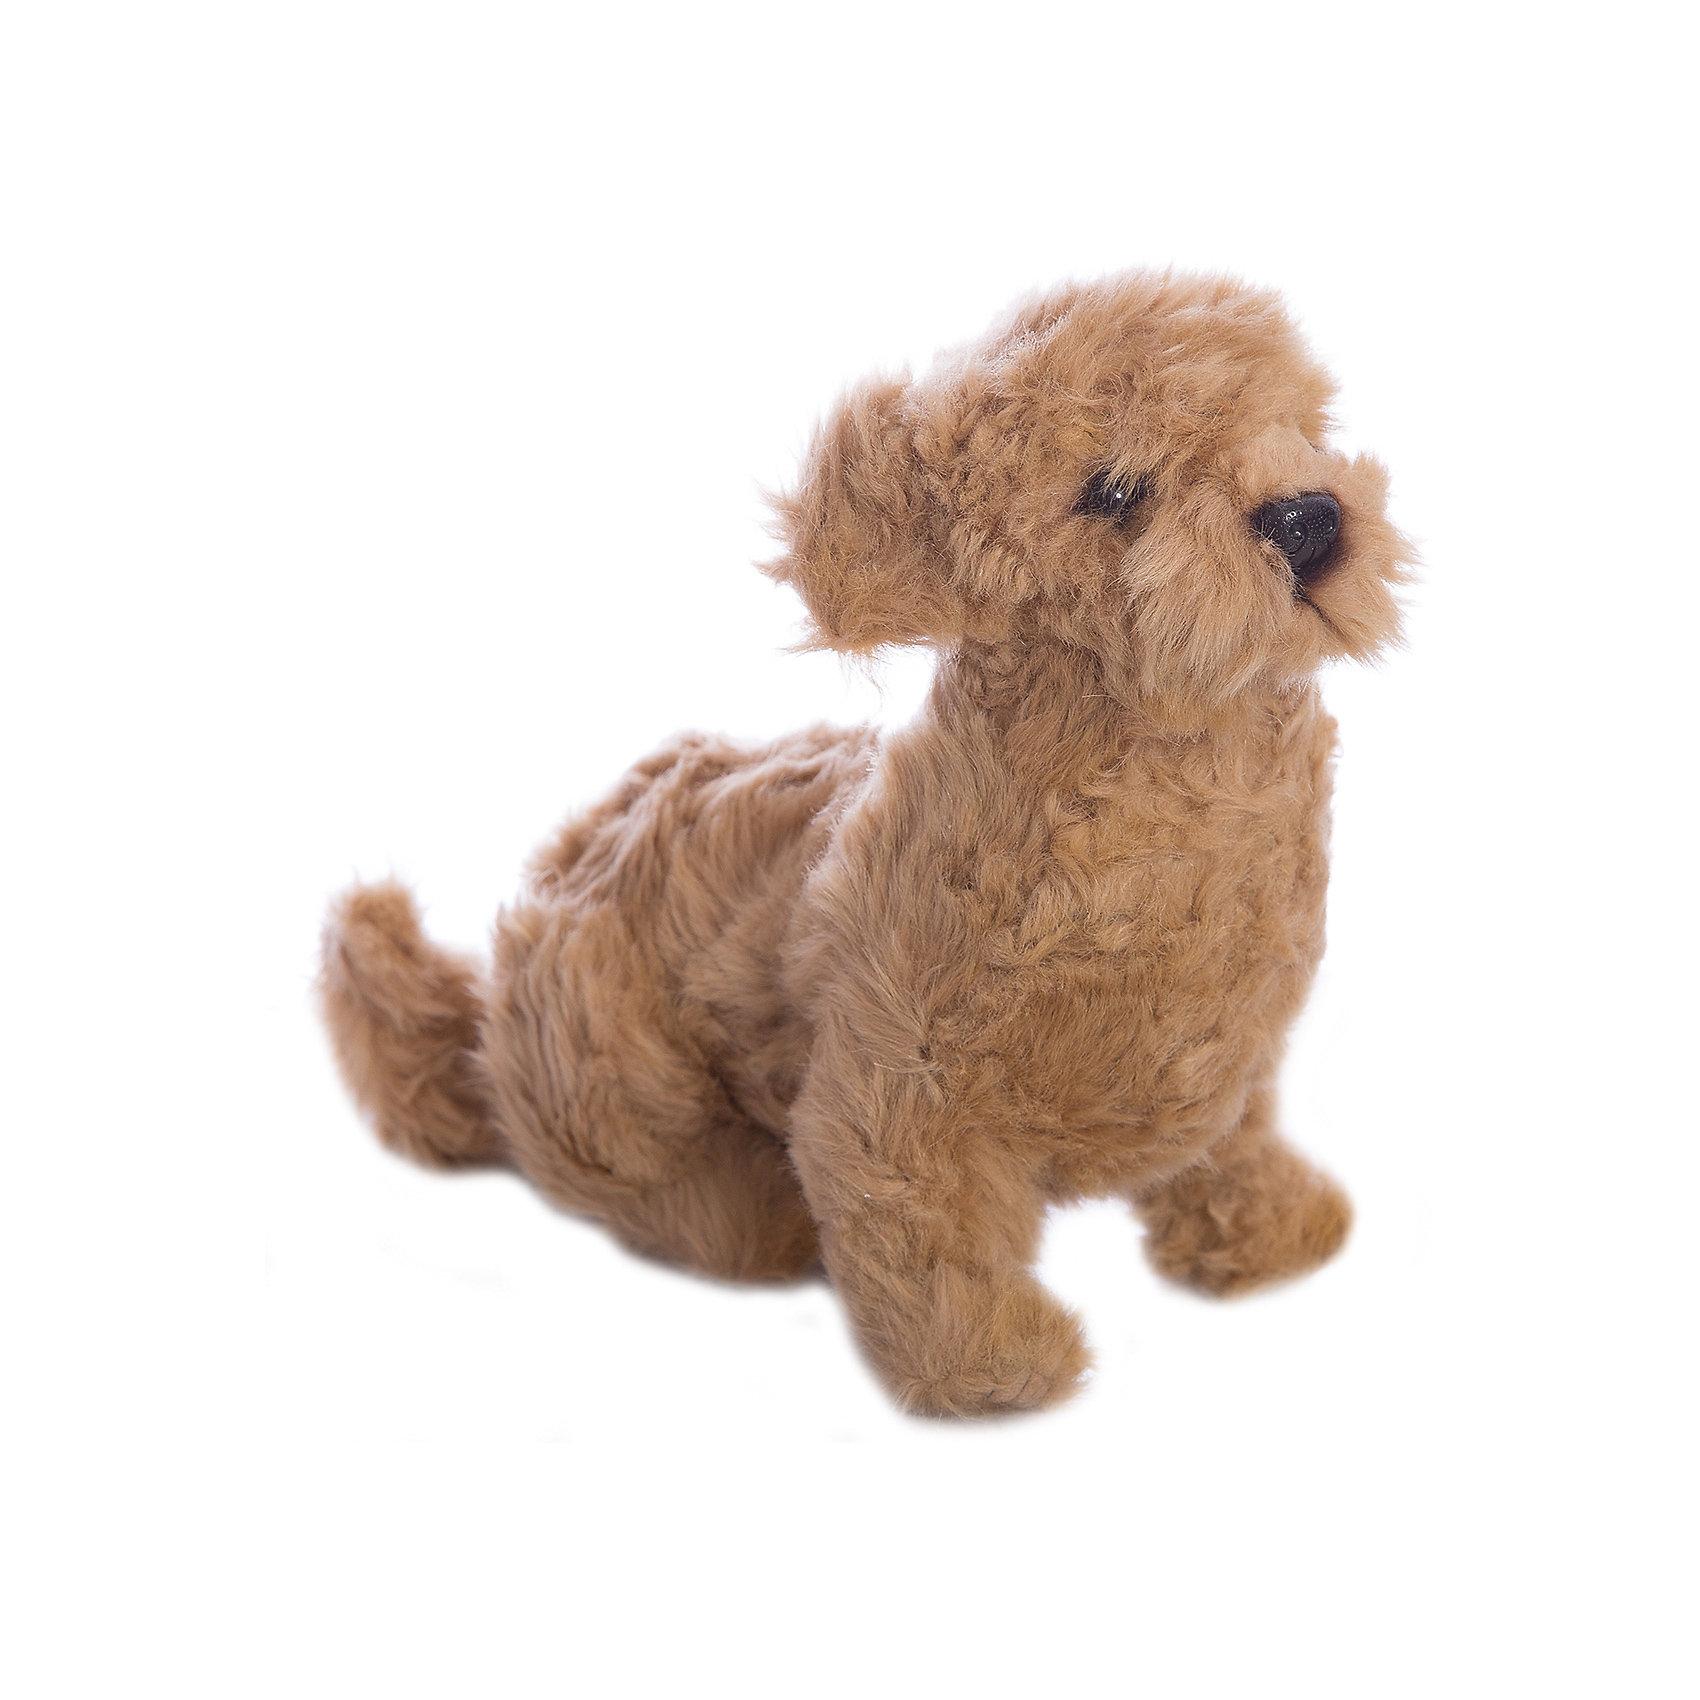 Филиппинская собака, 30 см, HansaКошки и собаки<br>Филиппинская собака, 30 см, Hansa (Ханса)<br><br>Характеристики:<br><br>• реалистичные детали<br>• прочный каркас<br>• приятная на ощупь<br>• размер игрушки: 30 см <br>• материал: искусственный мех, пластик, полиэфир, текстиль<br>• размер упаковки: 34х23х9 см<br>• вес: 240 грамм<br><br>Филиппинская собака Hansa практически не отличается от своего прототипа. Ее блестящие глазки и мягкая шерстка точно не оставят вас равнодушным. Игрушка тщательно детализирована, чтобы вы могли с радостью любоваться ею. Филиппинская собака отлично дополнит коллекцию игрушек детей и взрослых.<br><br>Филиппинскую собаку, 30 см, Hansa (Ханса) можно купить в нашем интернет-магазине.<br><br>Ширина мм: 220<br>Глубина мм: 300<br>Высота мм: 150<br>Вес г: 840<br>Возраст от месяцев: 36<br>Возраст до месяцев: 2147483647<br>Пол: Унисекс<br>Возраст: Детский<br>SKU: 5503304